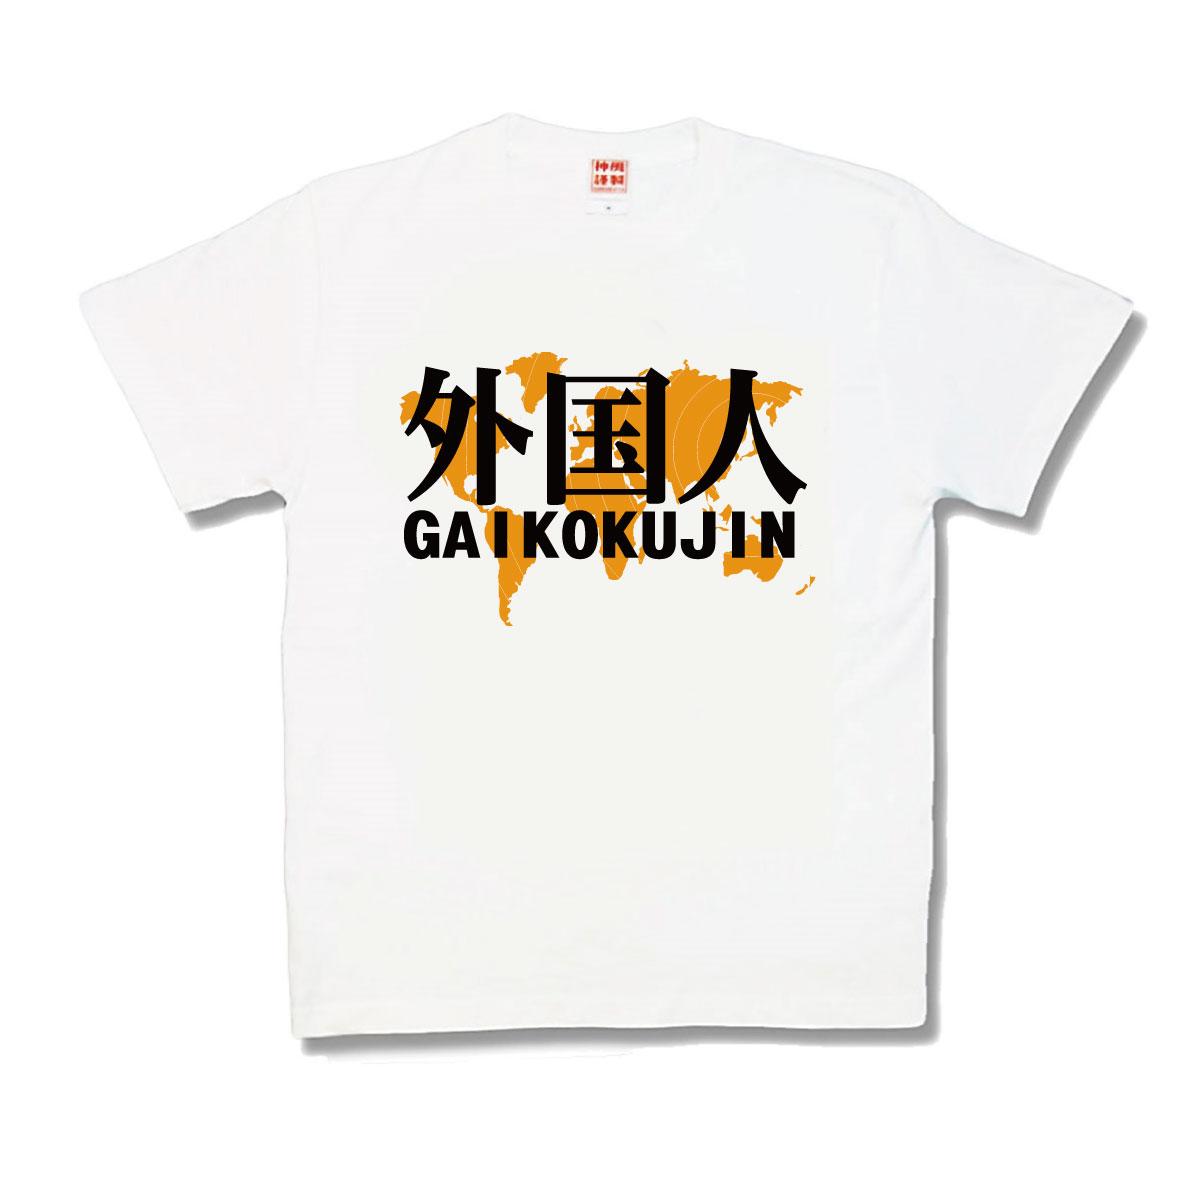 そうさ 僕らは外国人海外へ遠足行くとき着て行きましょう おもしろTシャツ お買得 本物 外国人